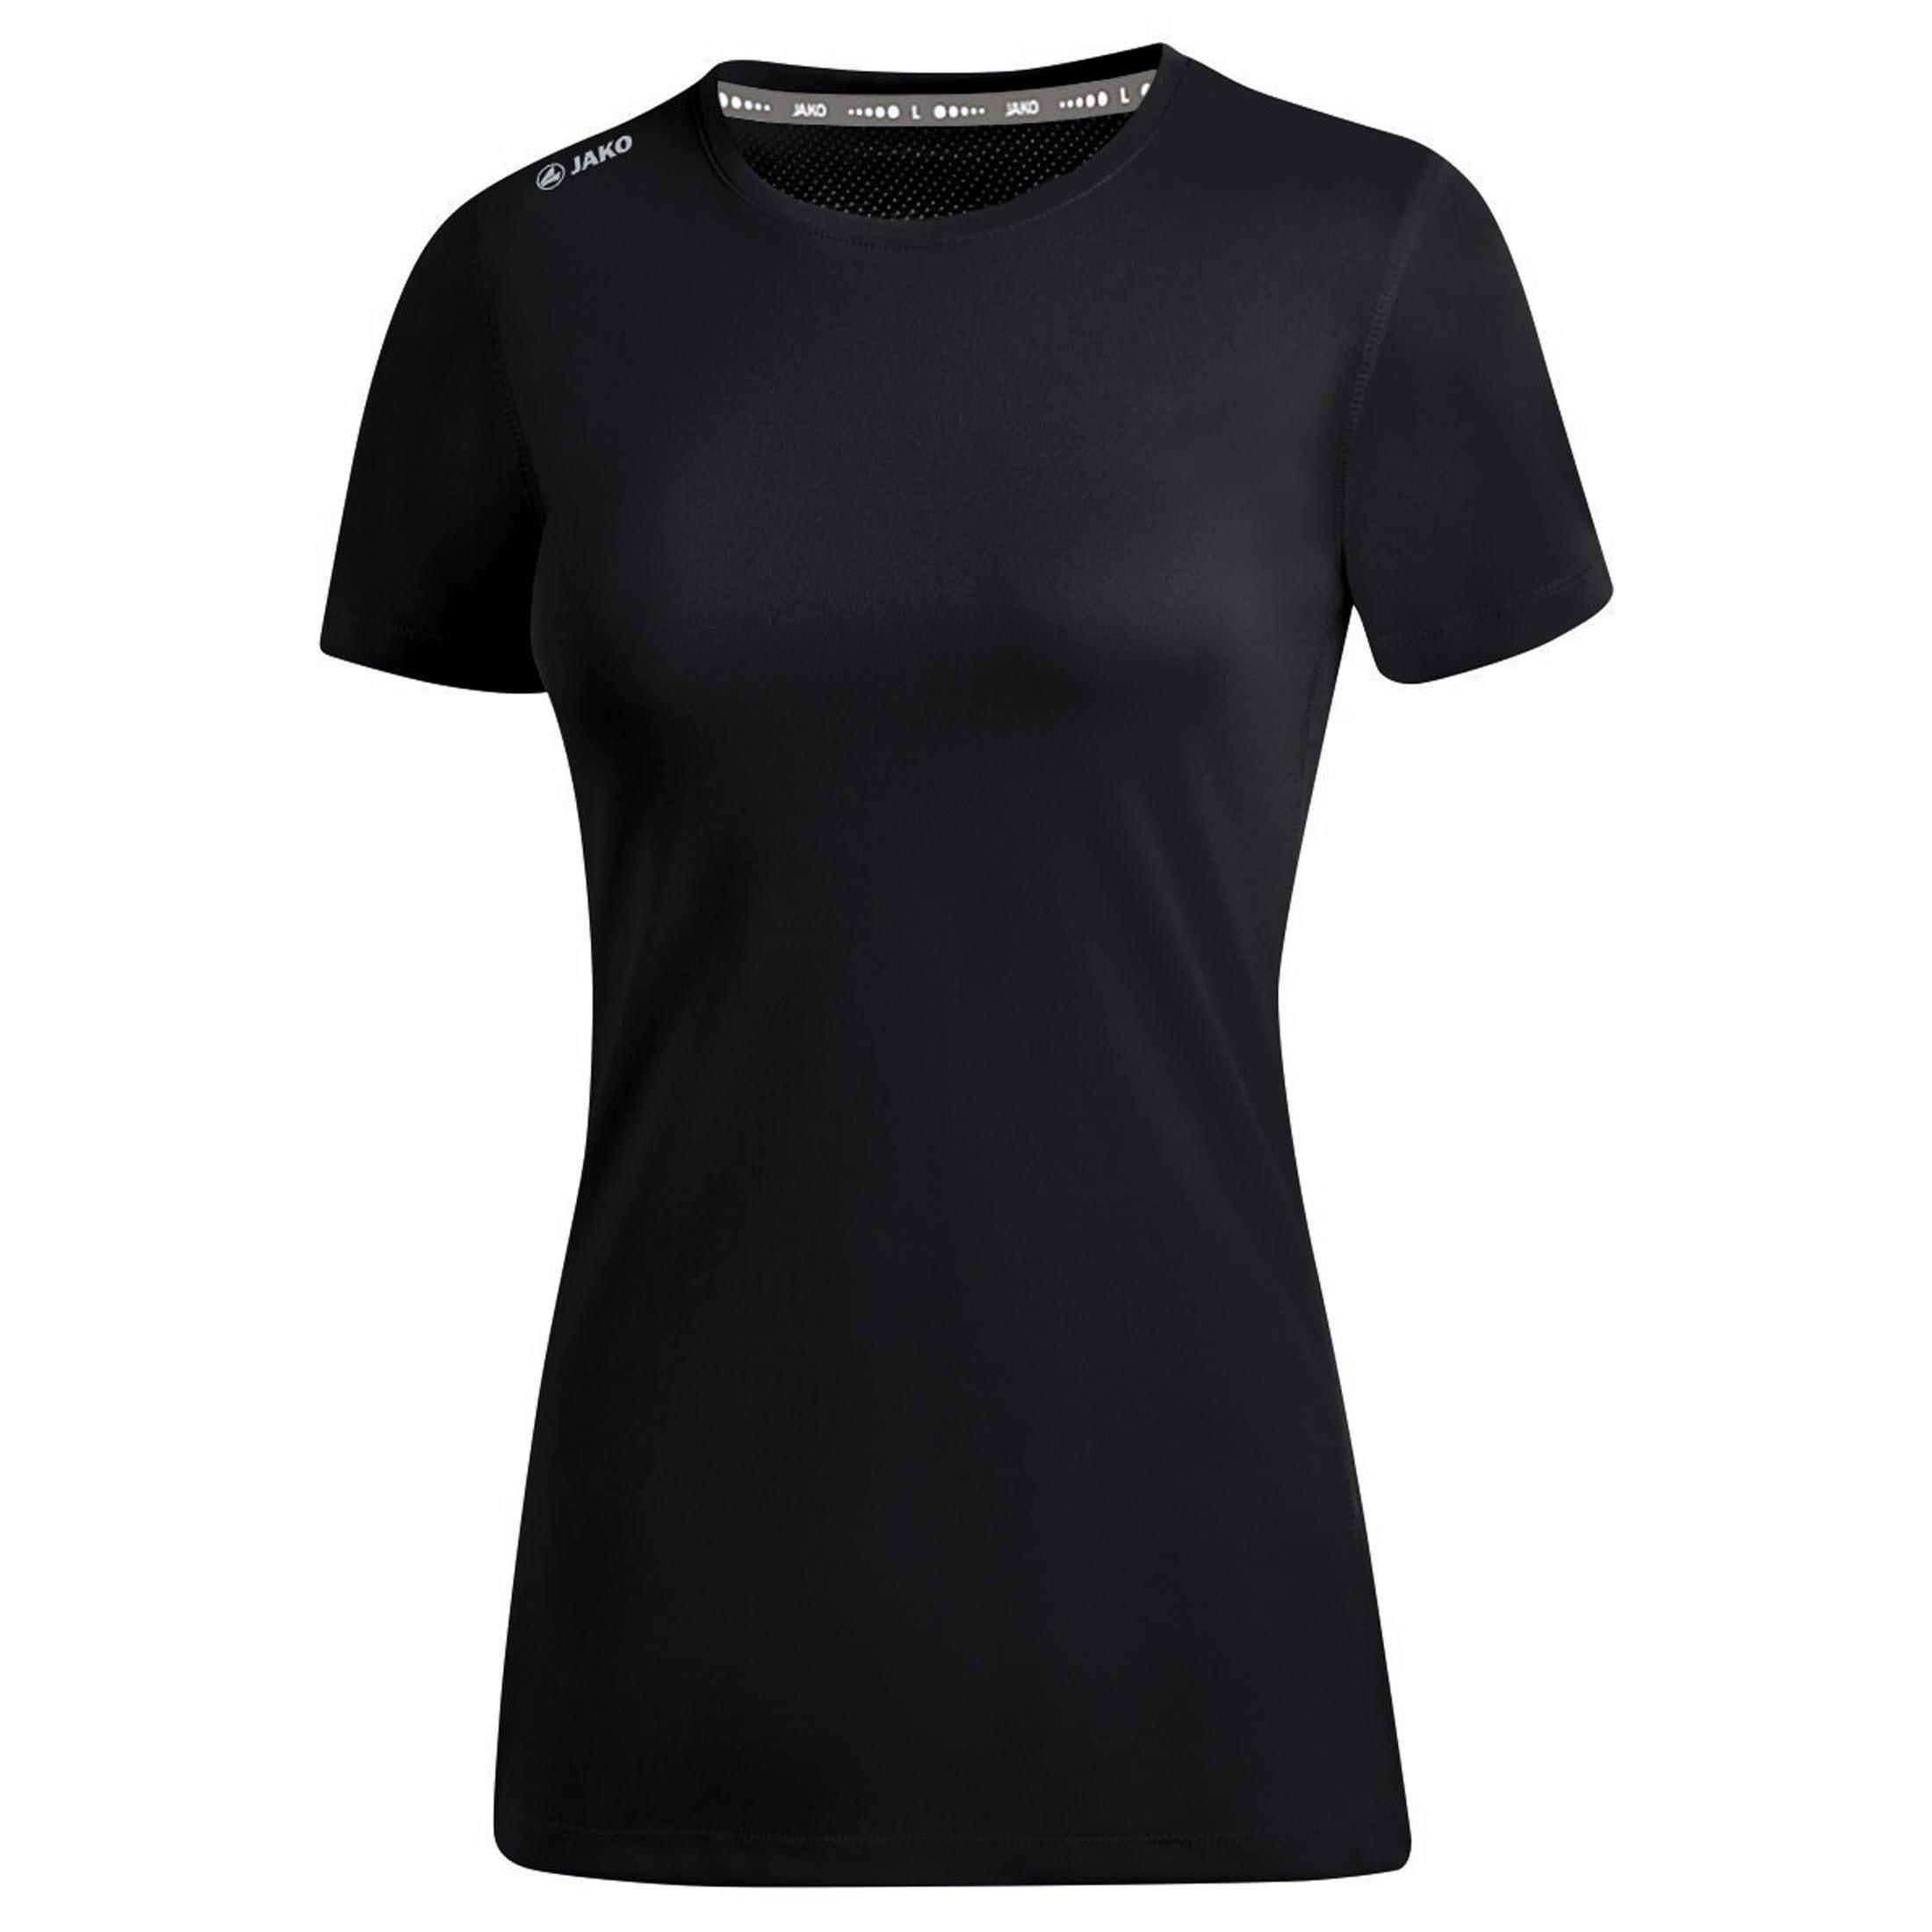 JAKO runningshirt bij OTTO online kopen